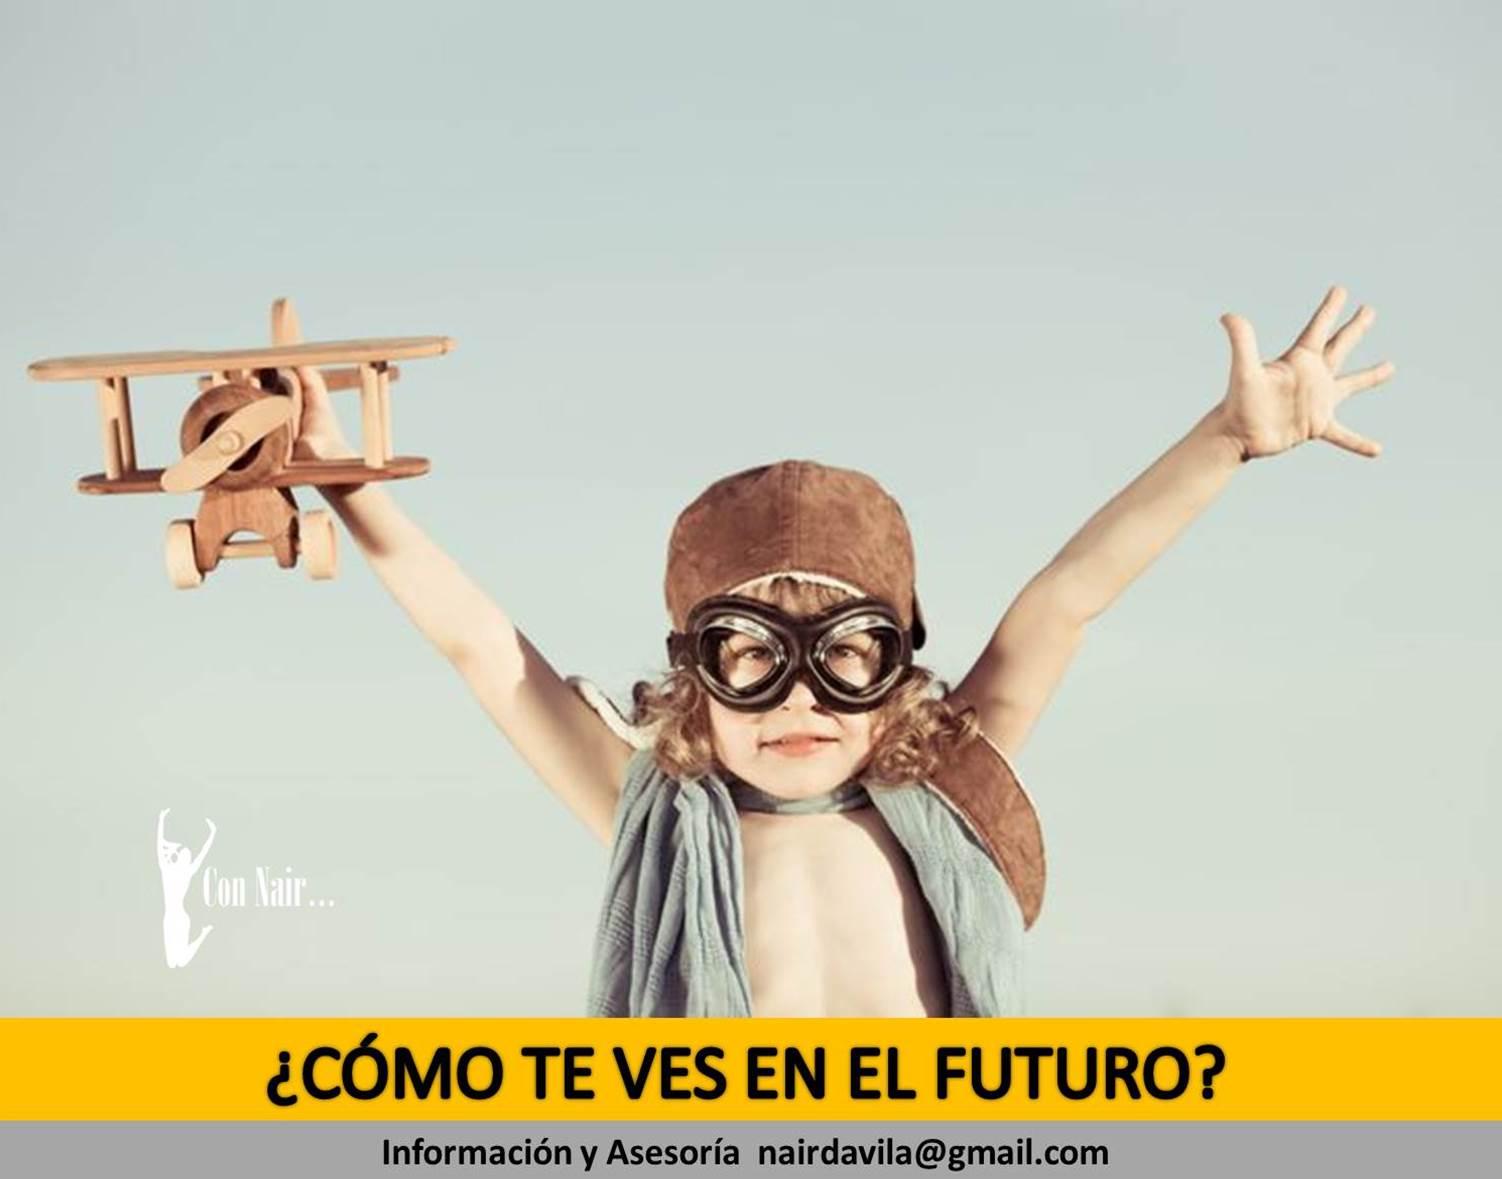 ¿CÓMO TE VES EN EL FUTURO?